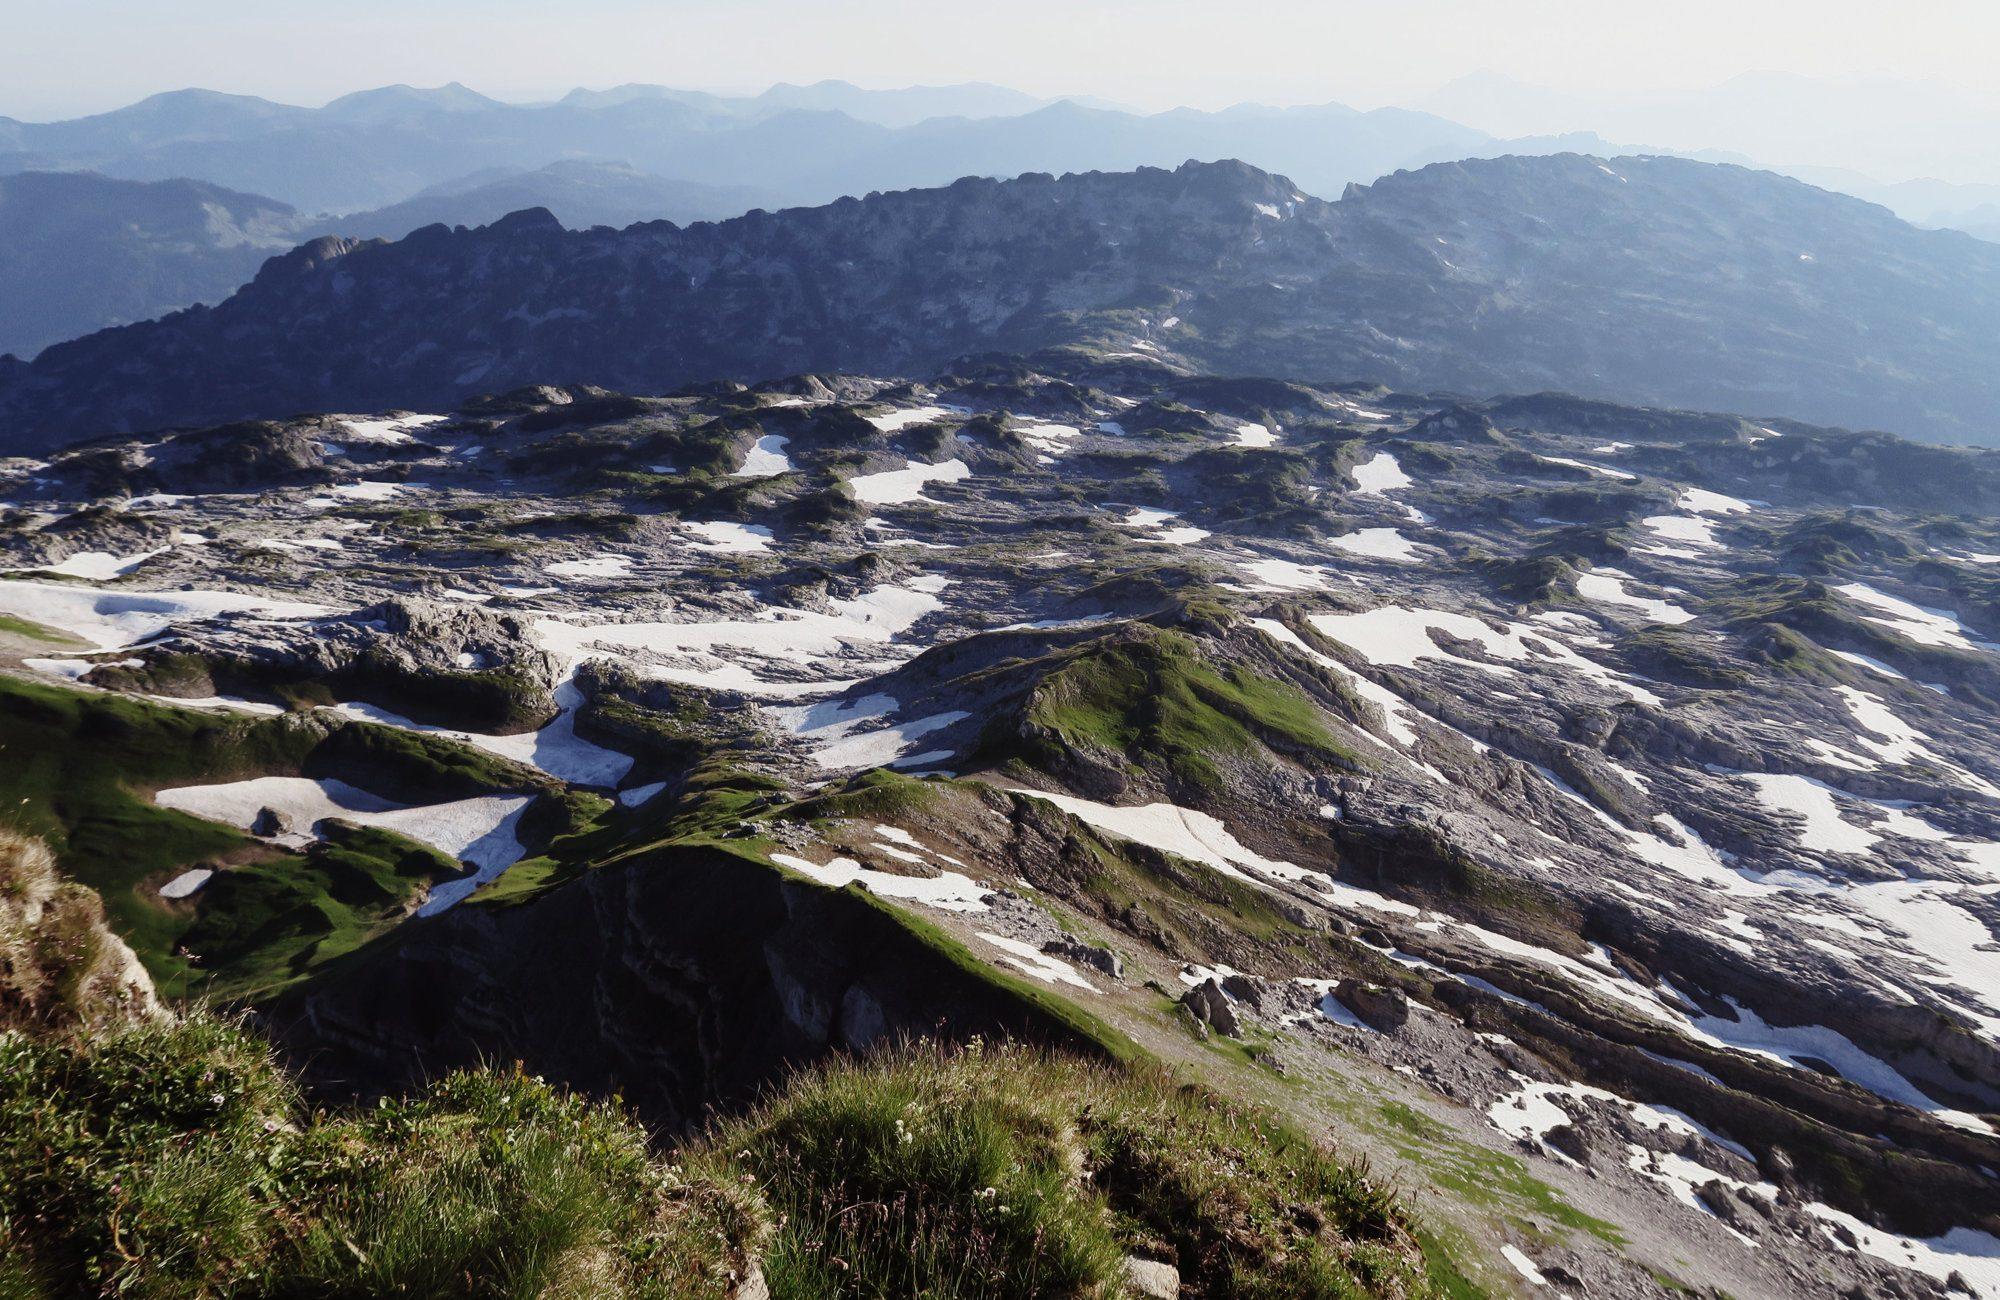 Gottesackerplateau des Hohen Ifen, Kleinwalsertal, Wanderung, Wandertour